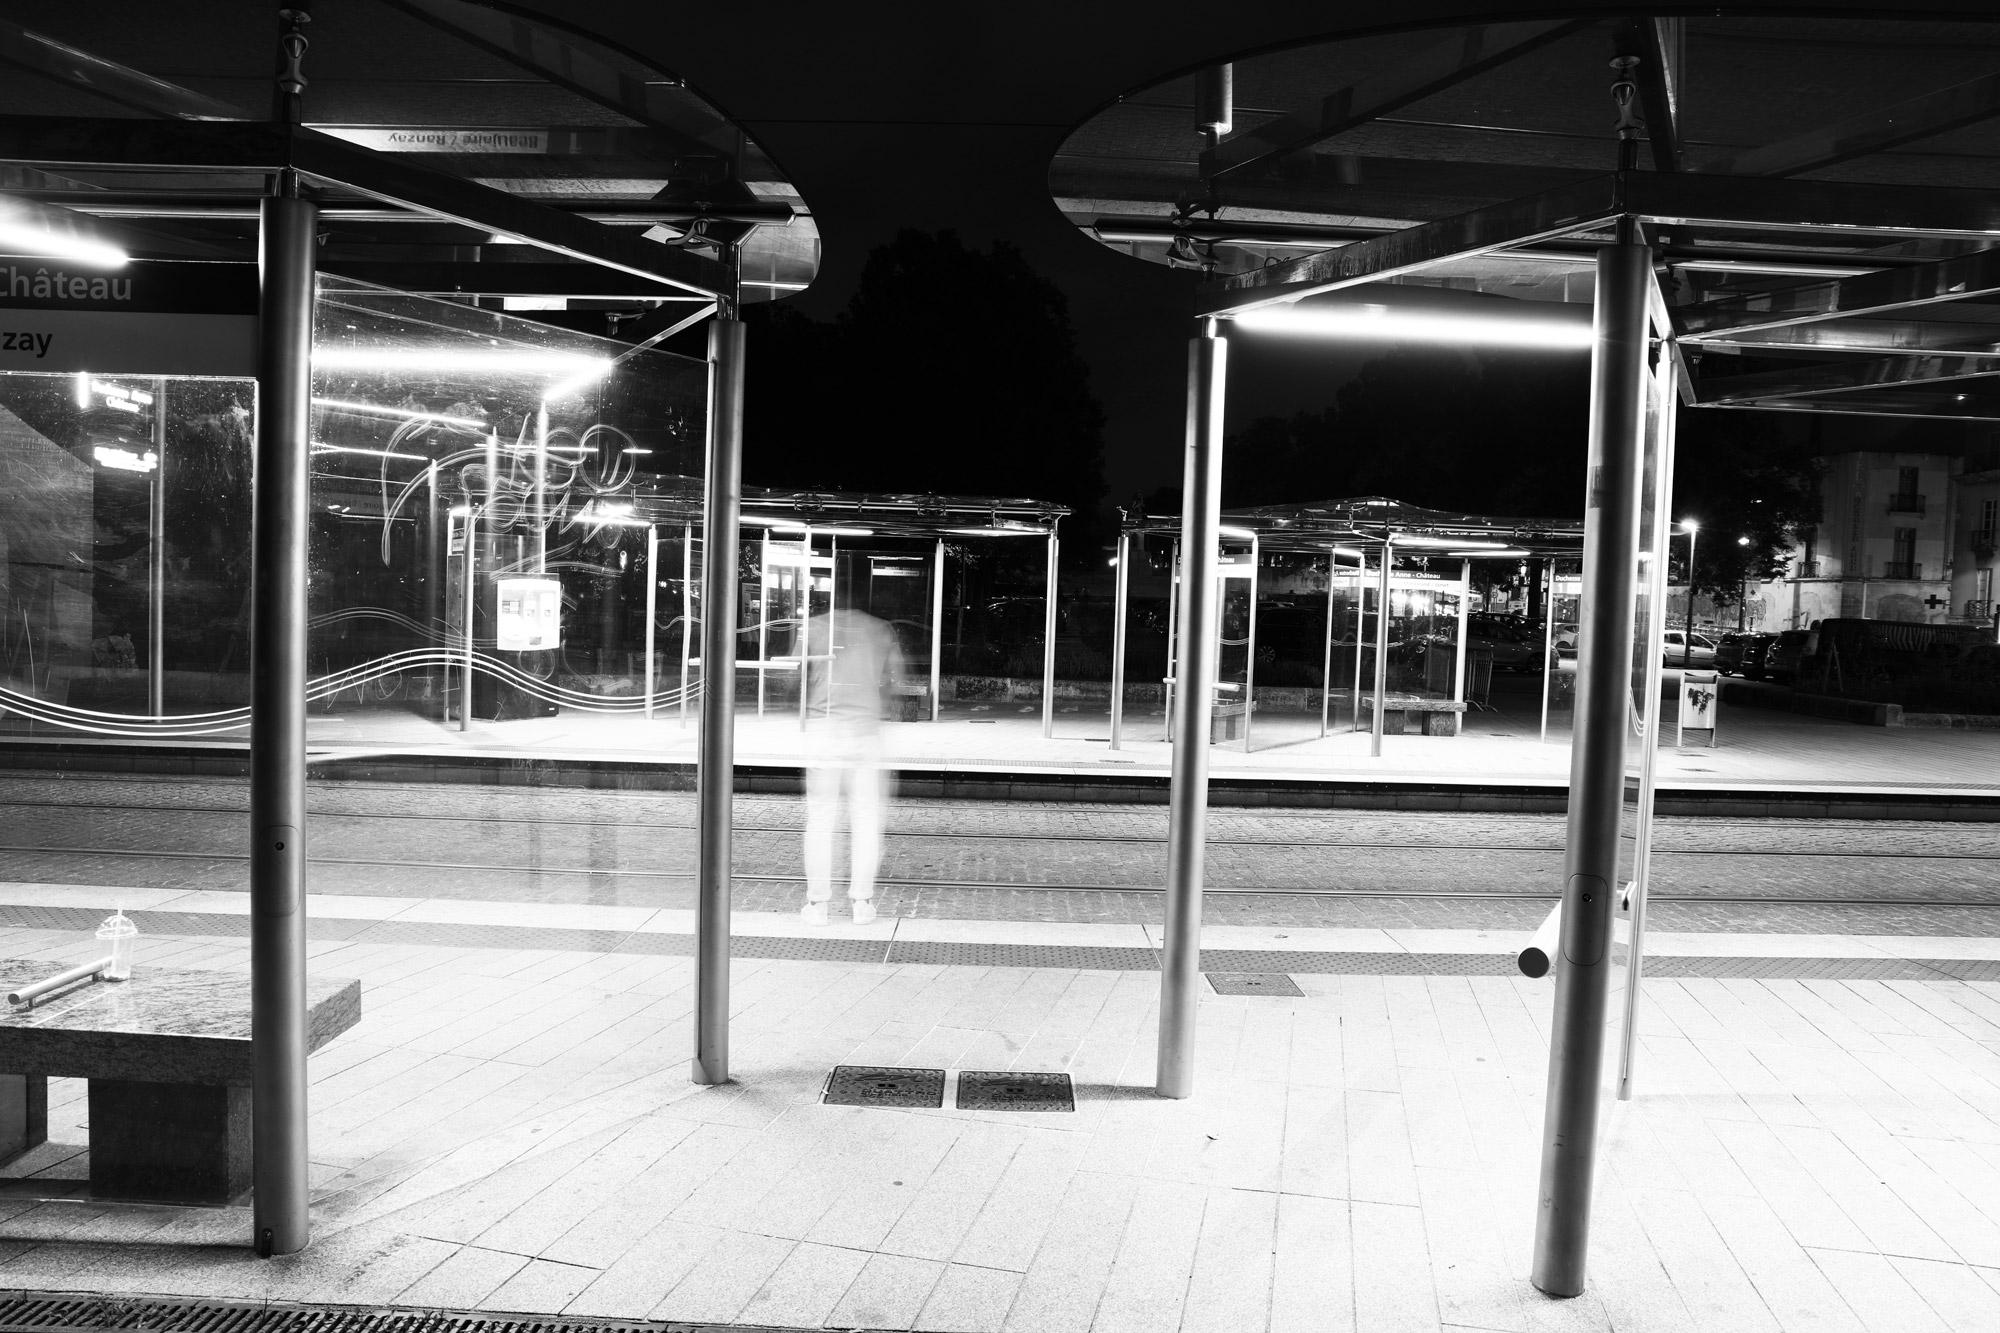 """""""The urban ghost"""" - Station """"Duchesse Anne - Château des Ducs de Bretagne"""", Nantes. ©Clémence Rougetet"""